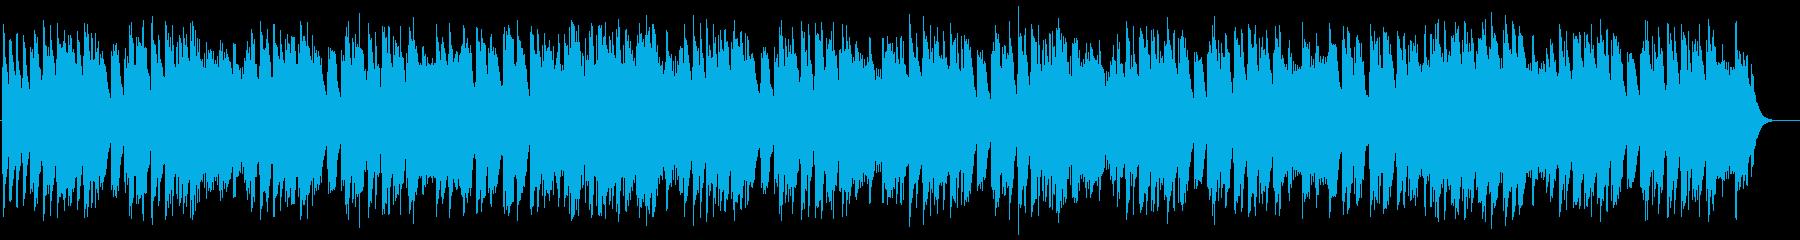 おしゃれなリズムでやさしいオルゴールの再生済みの波形